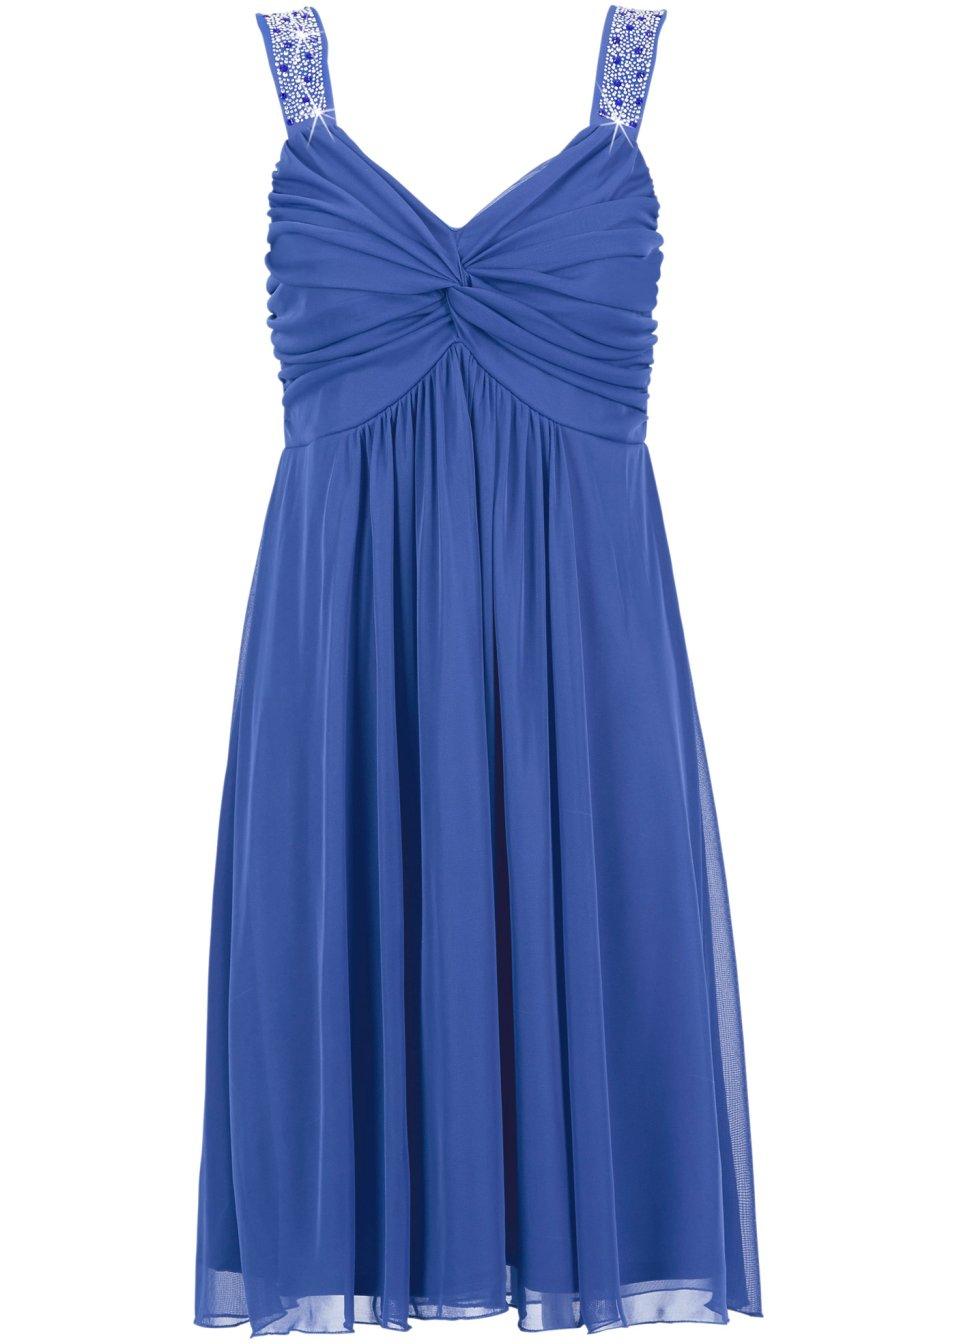 Robe bleu roi femme - Bonprix kleider hochzeit ...